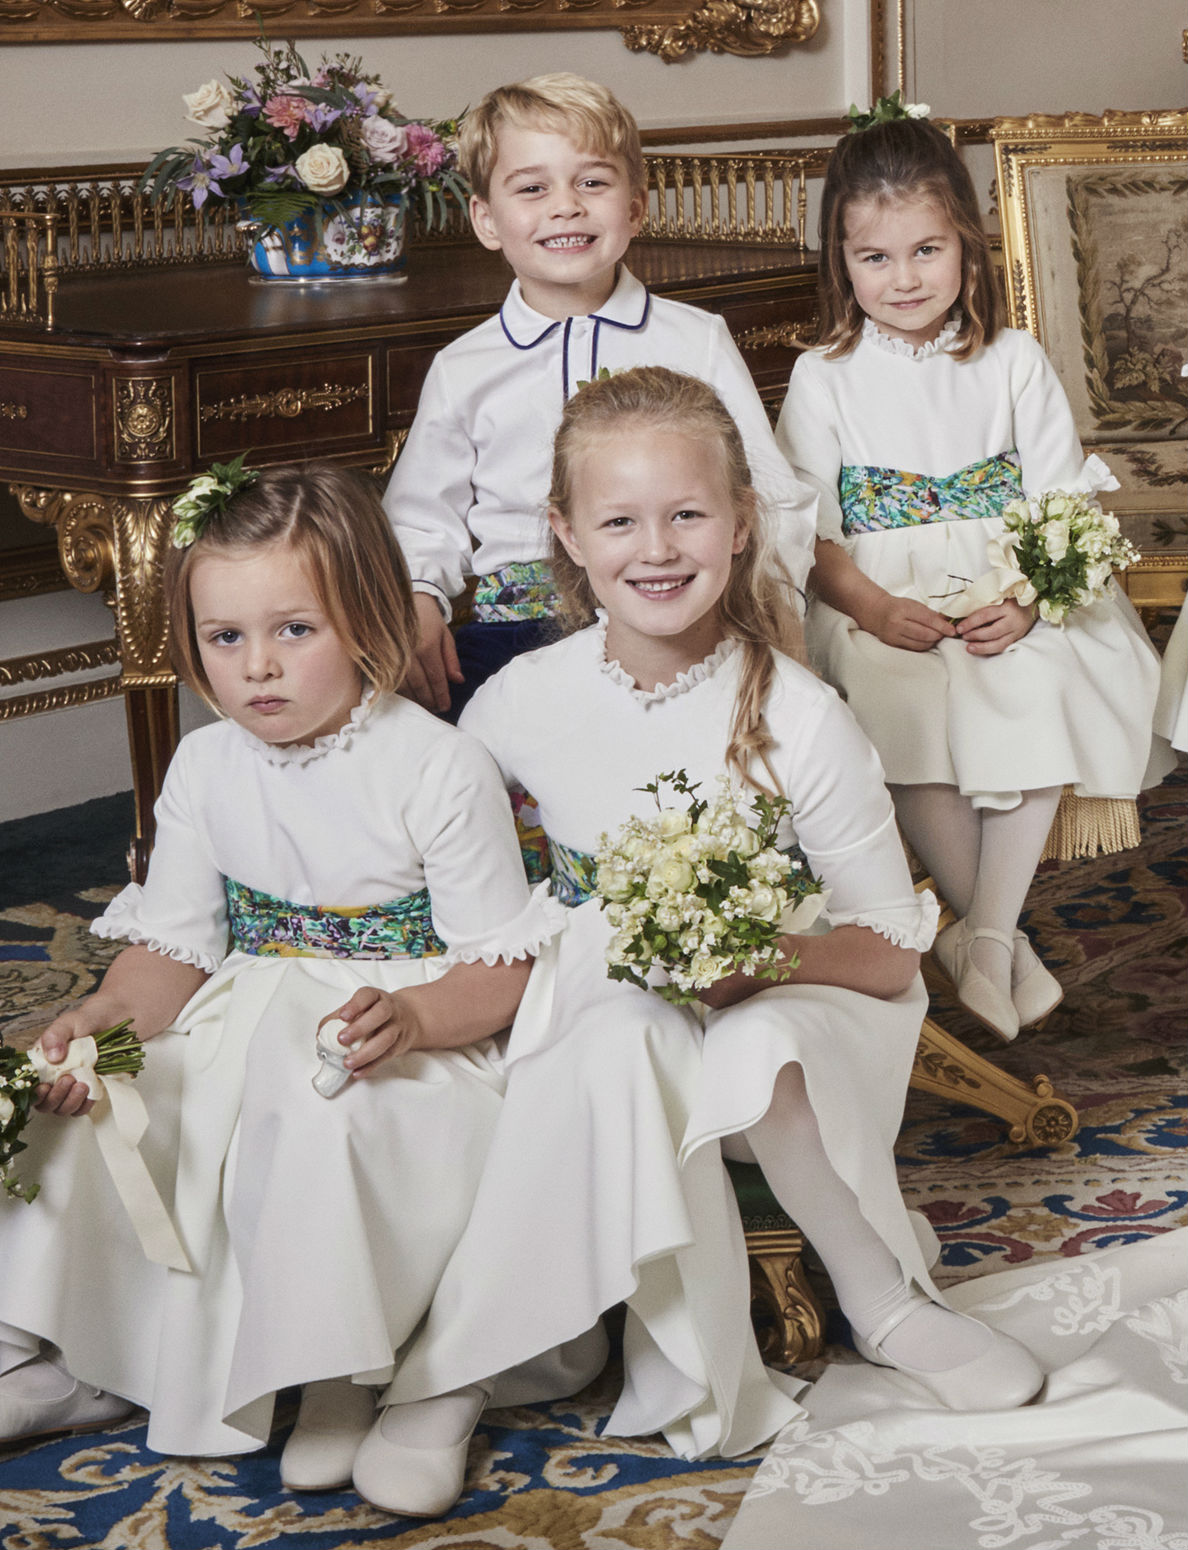 princesa-eugenie-casamento-daminhas-charlotte